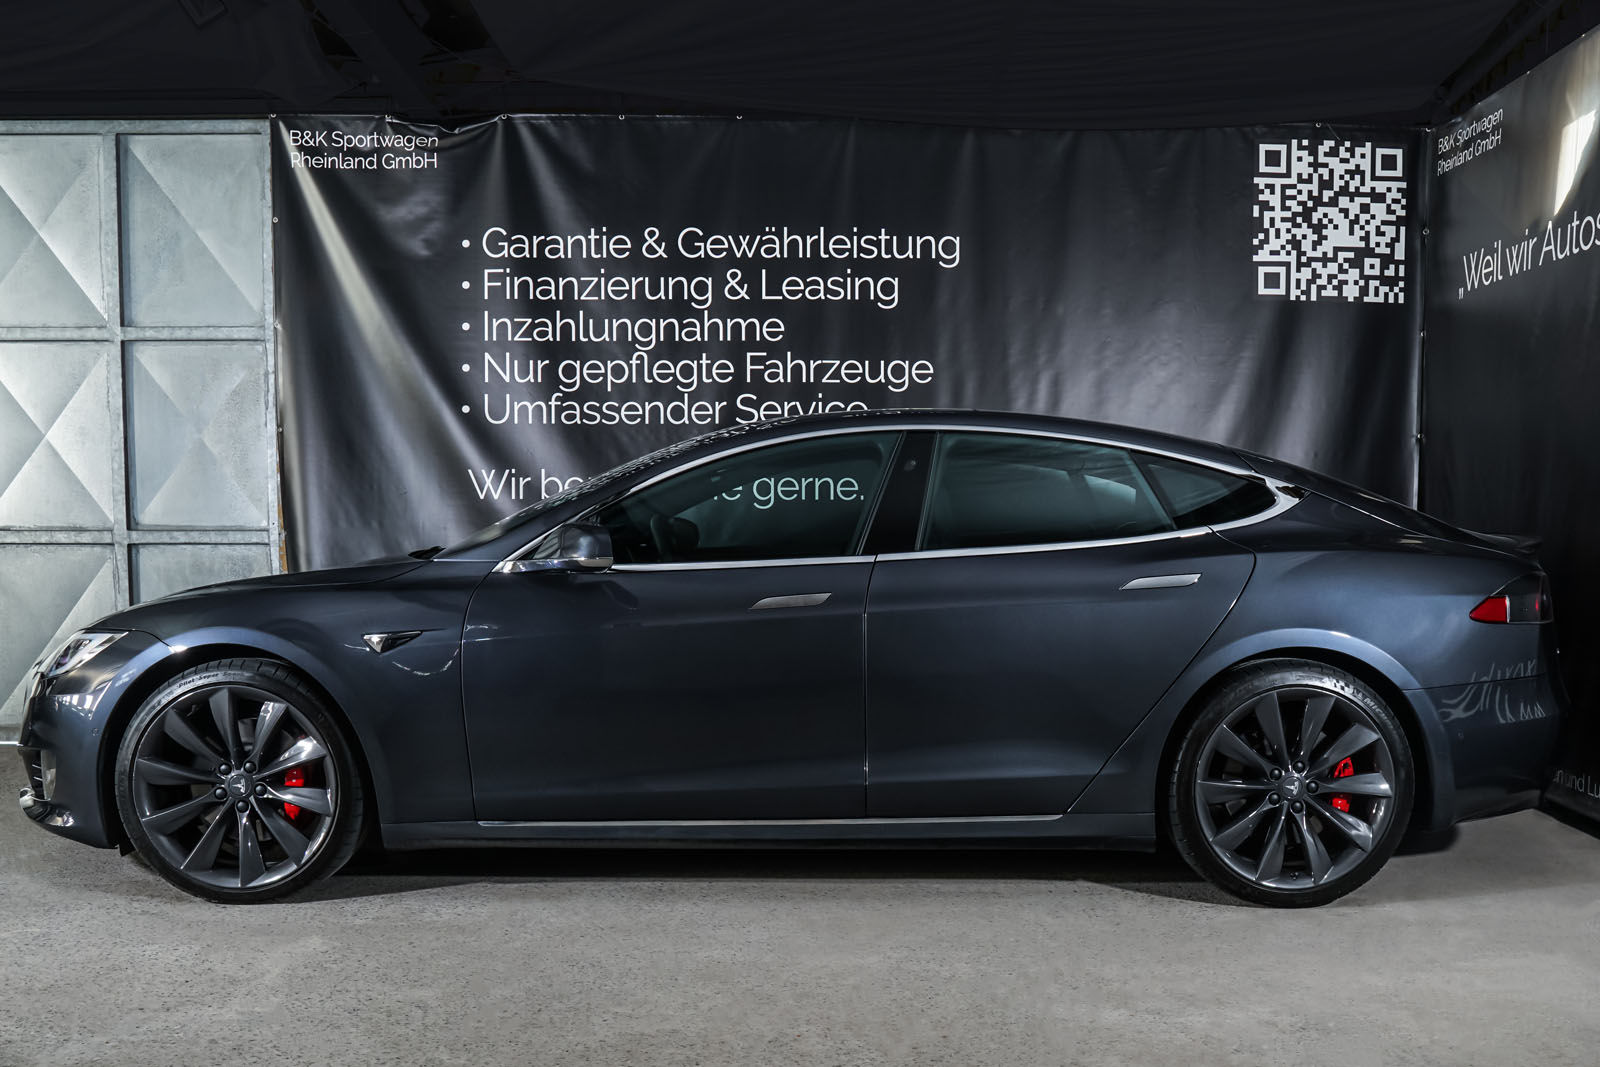 Tesla_ModelS_P100D_MidnightSilver_Schwarz_TES-6539_5_w